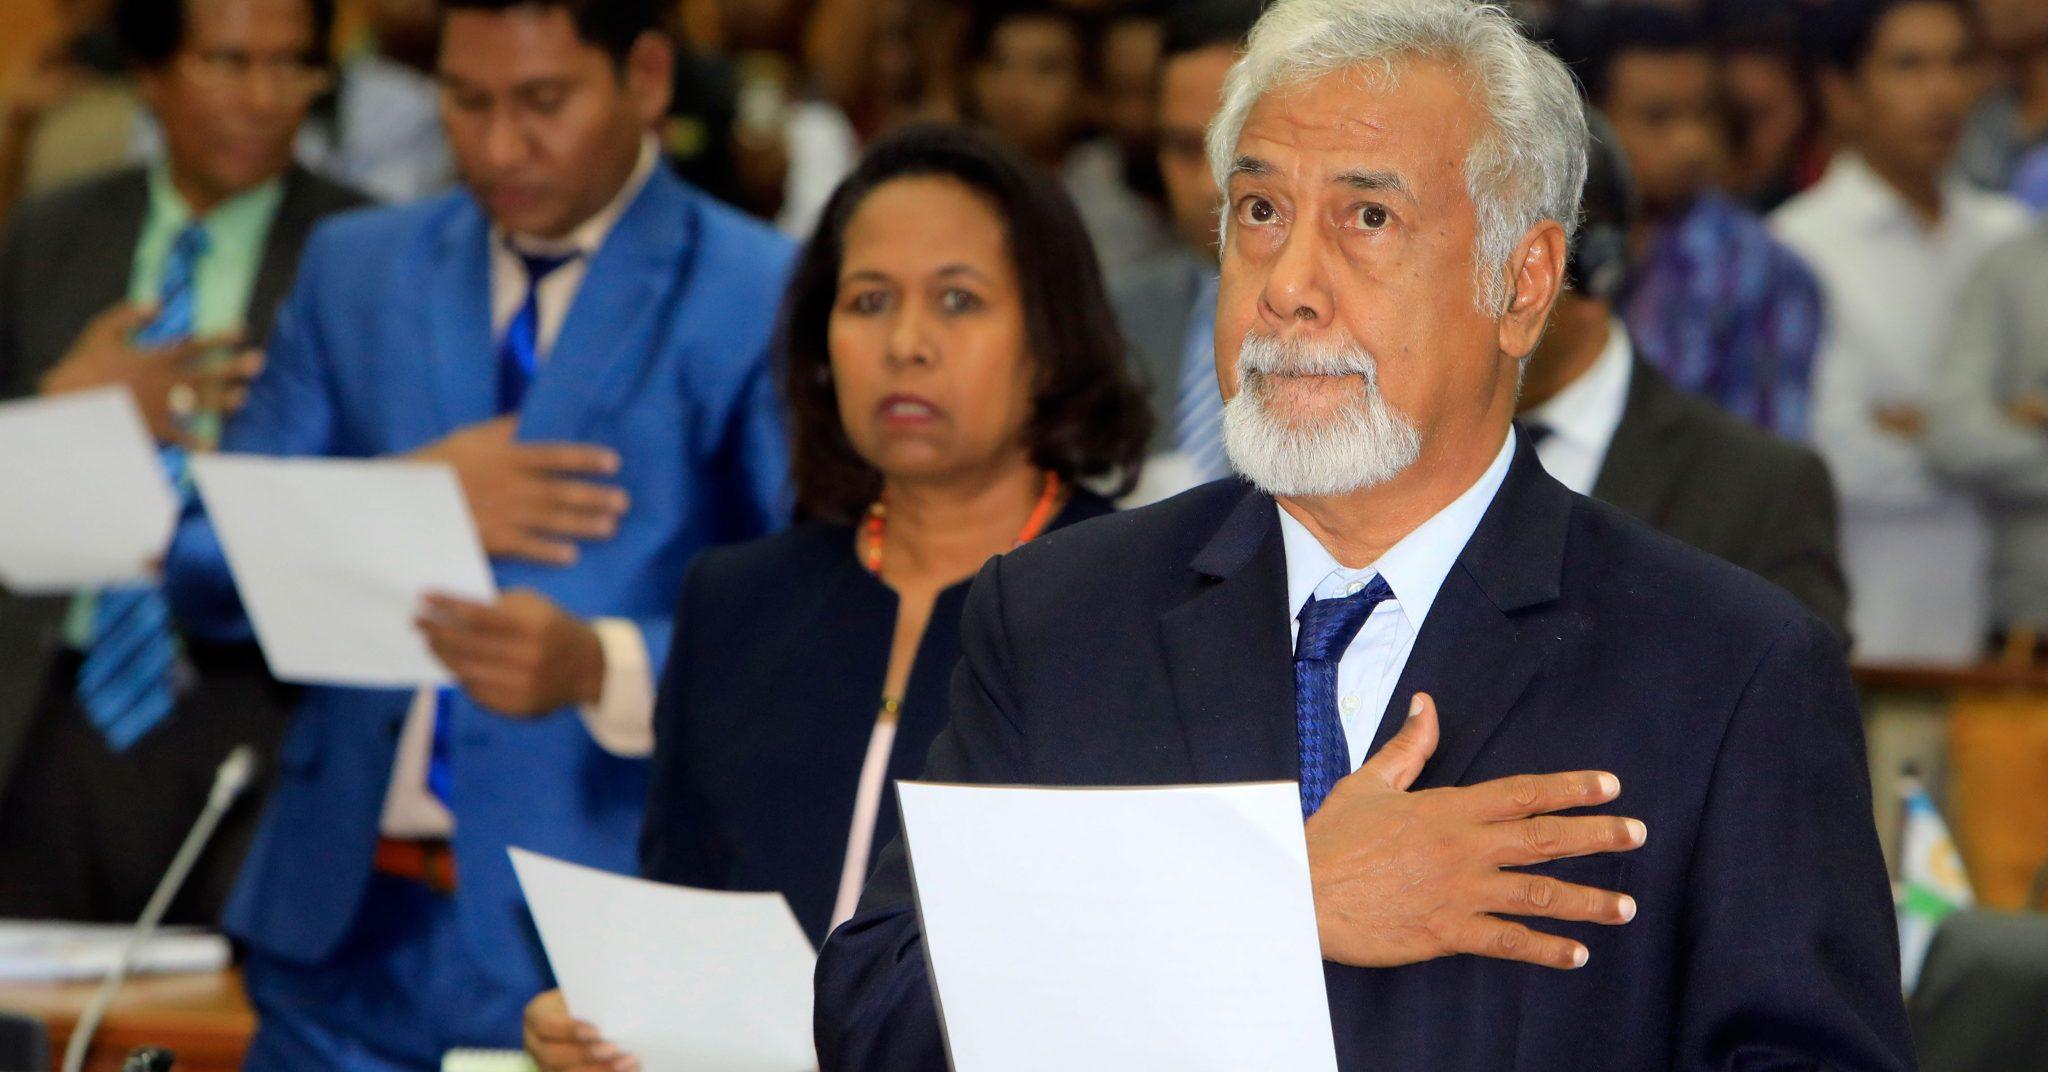 For Timor-Leste, a promise of progress